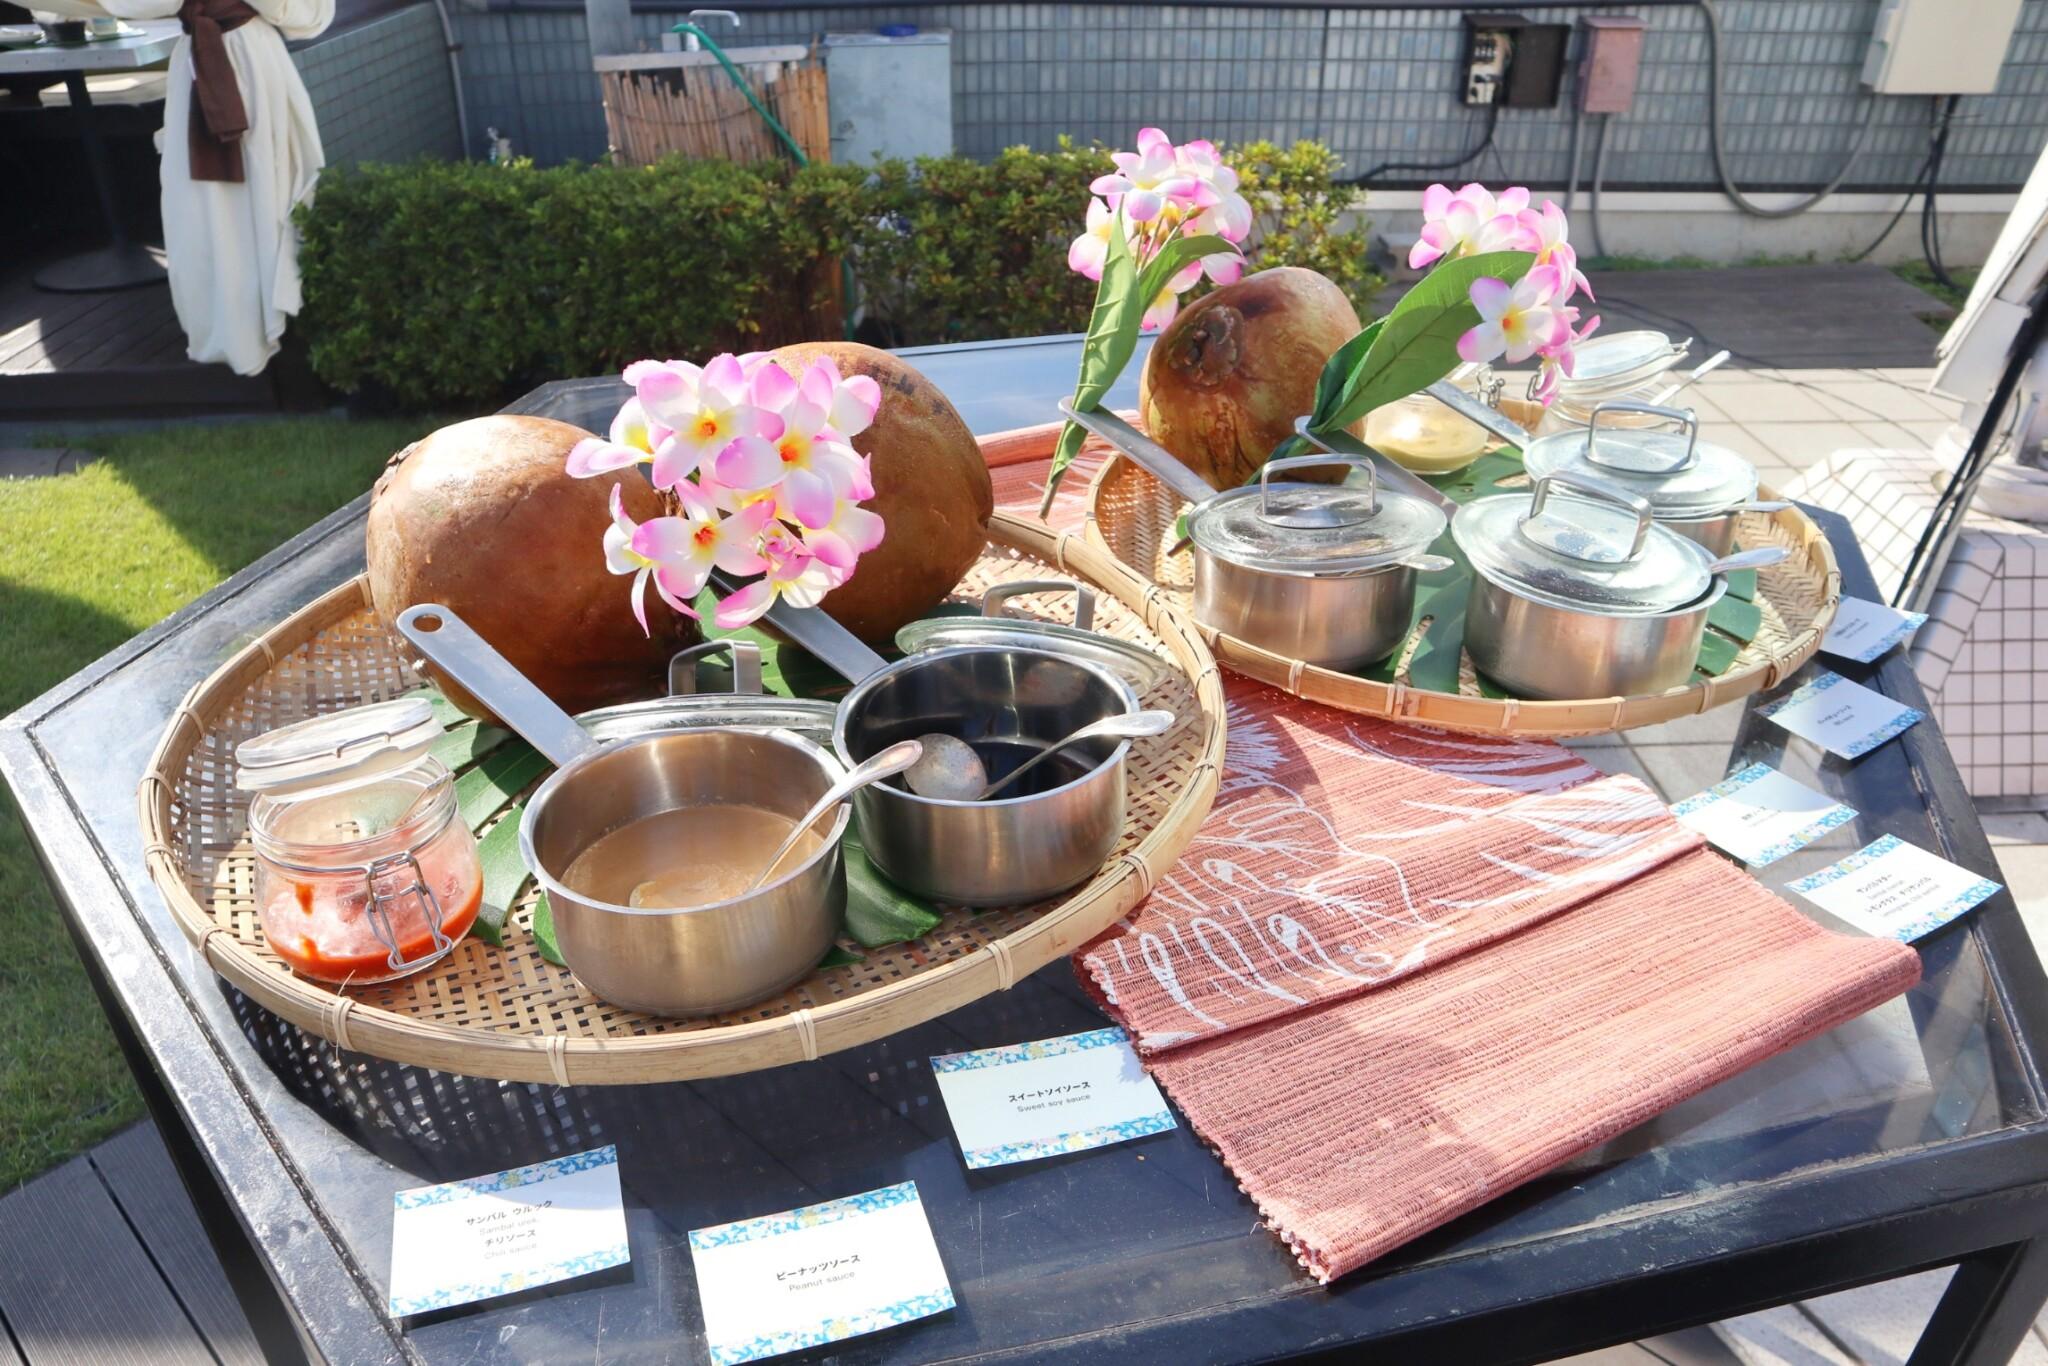 ビアガーデンでバリ島旅行気分!〈ハイアットリージェンシー大阪〉のBBQビアガーデンへ。